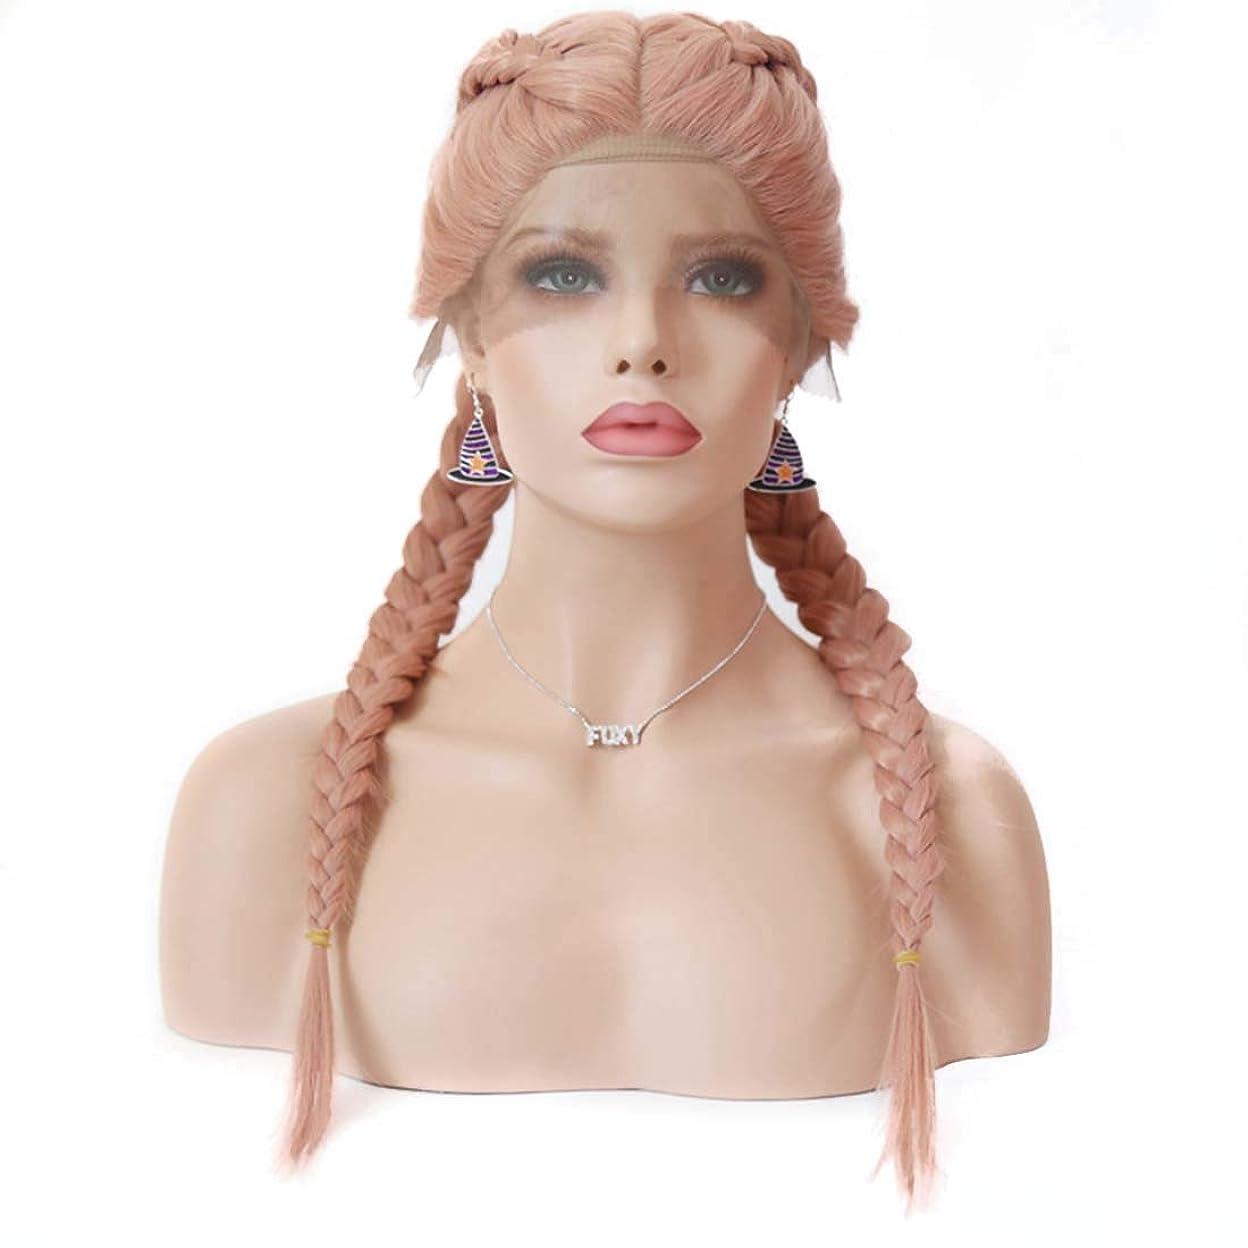 恥ずかしさ価値のない血色の良いJIANFU スコーピオン汚れたウィッグフロントレースウィッグ女性のヨーロッパとアメリカのロングストレートヘアピンクケミカルファイバーヘア (サイズ : 14 inches)